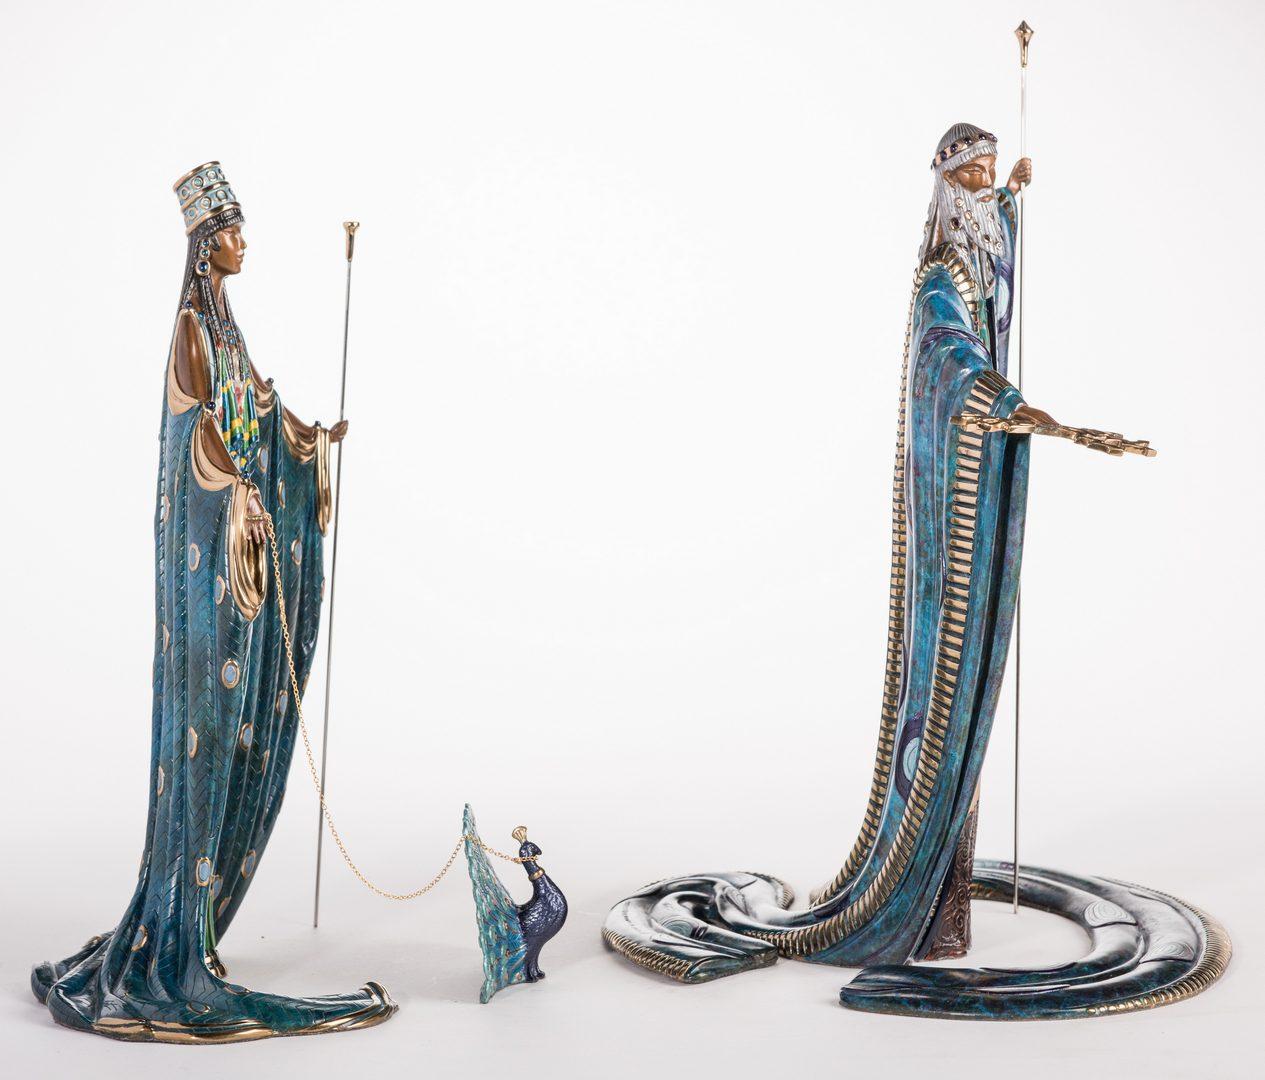 Lot 497: Erte Sculpture, Hera & Zeus